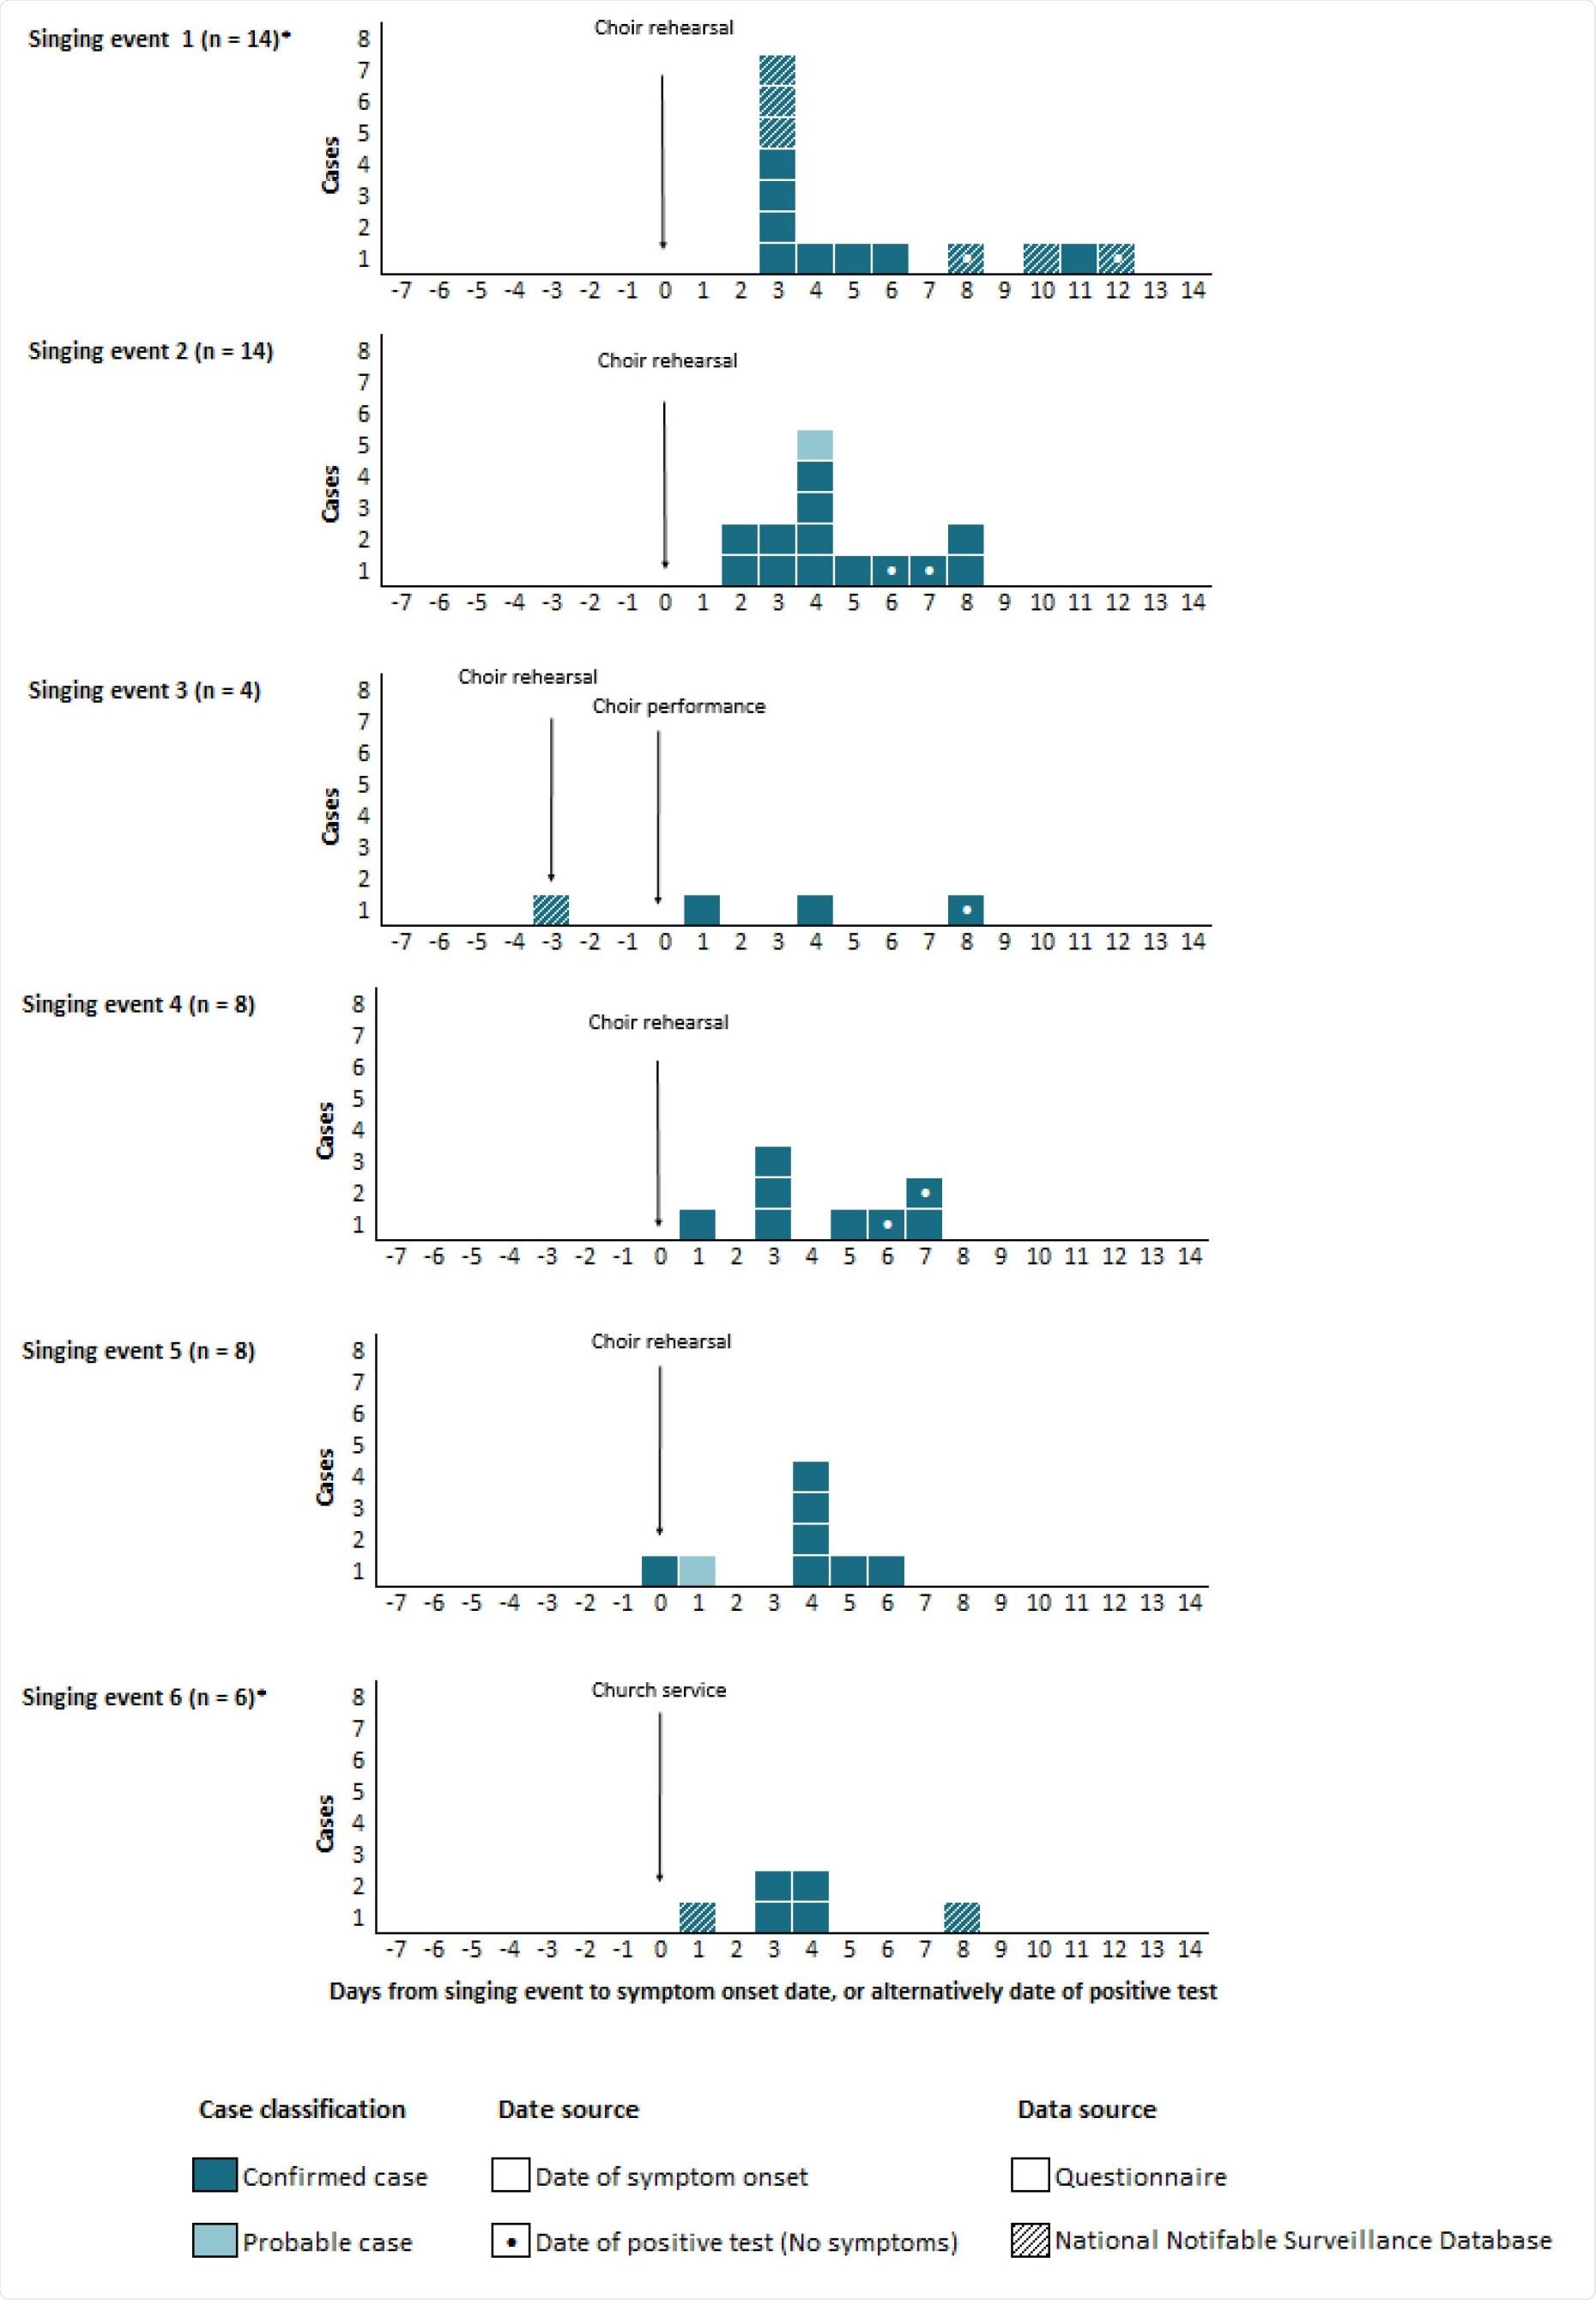 Casos confirmados y probables de COVID-19 en cada evento de canto, de septiembre a octubre de 2020 por fecha de inicio de los síntomas, o alternativamente por fecha de prueba positiva.